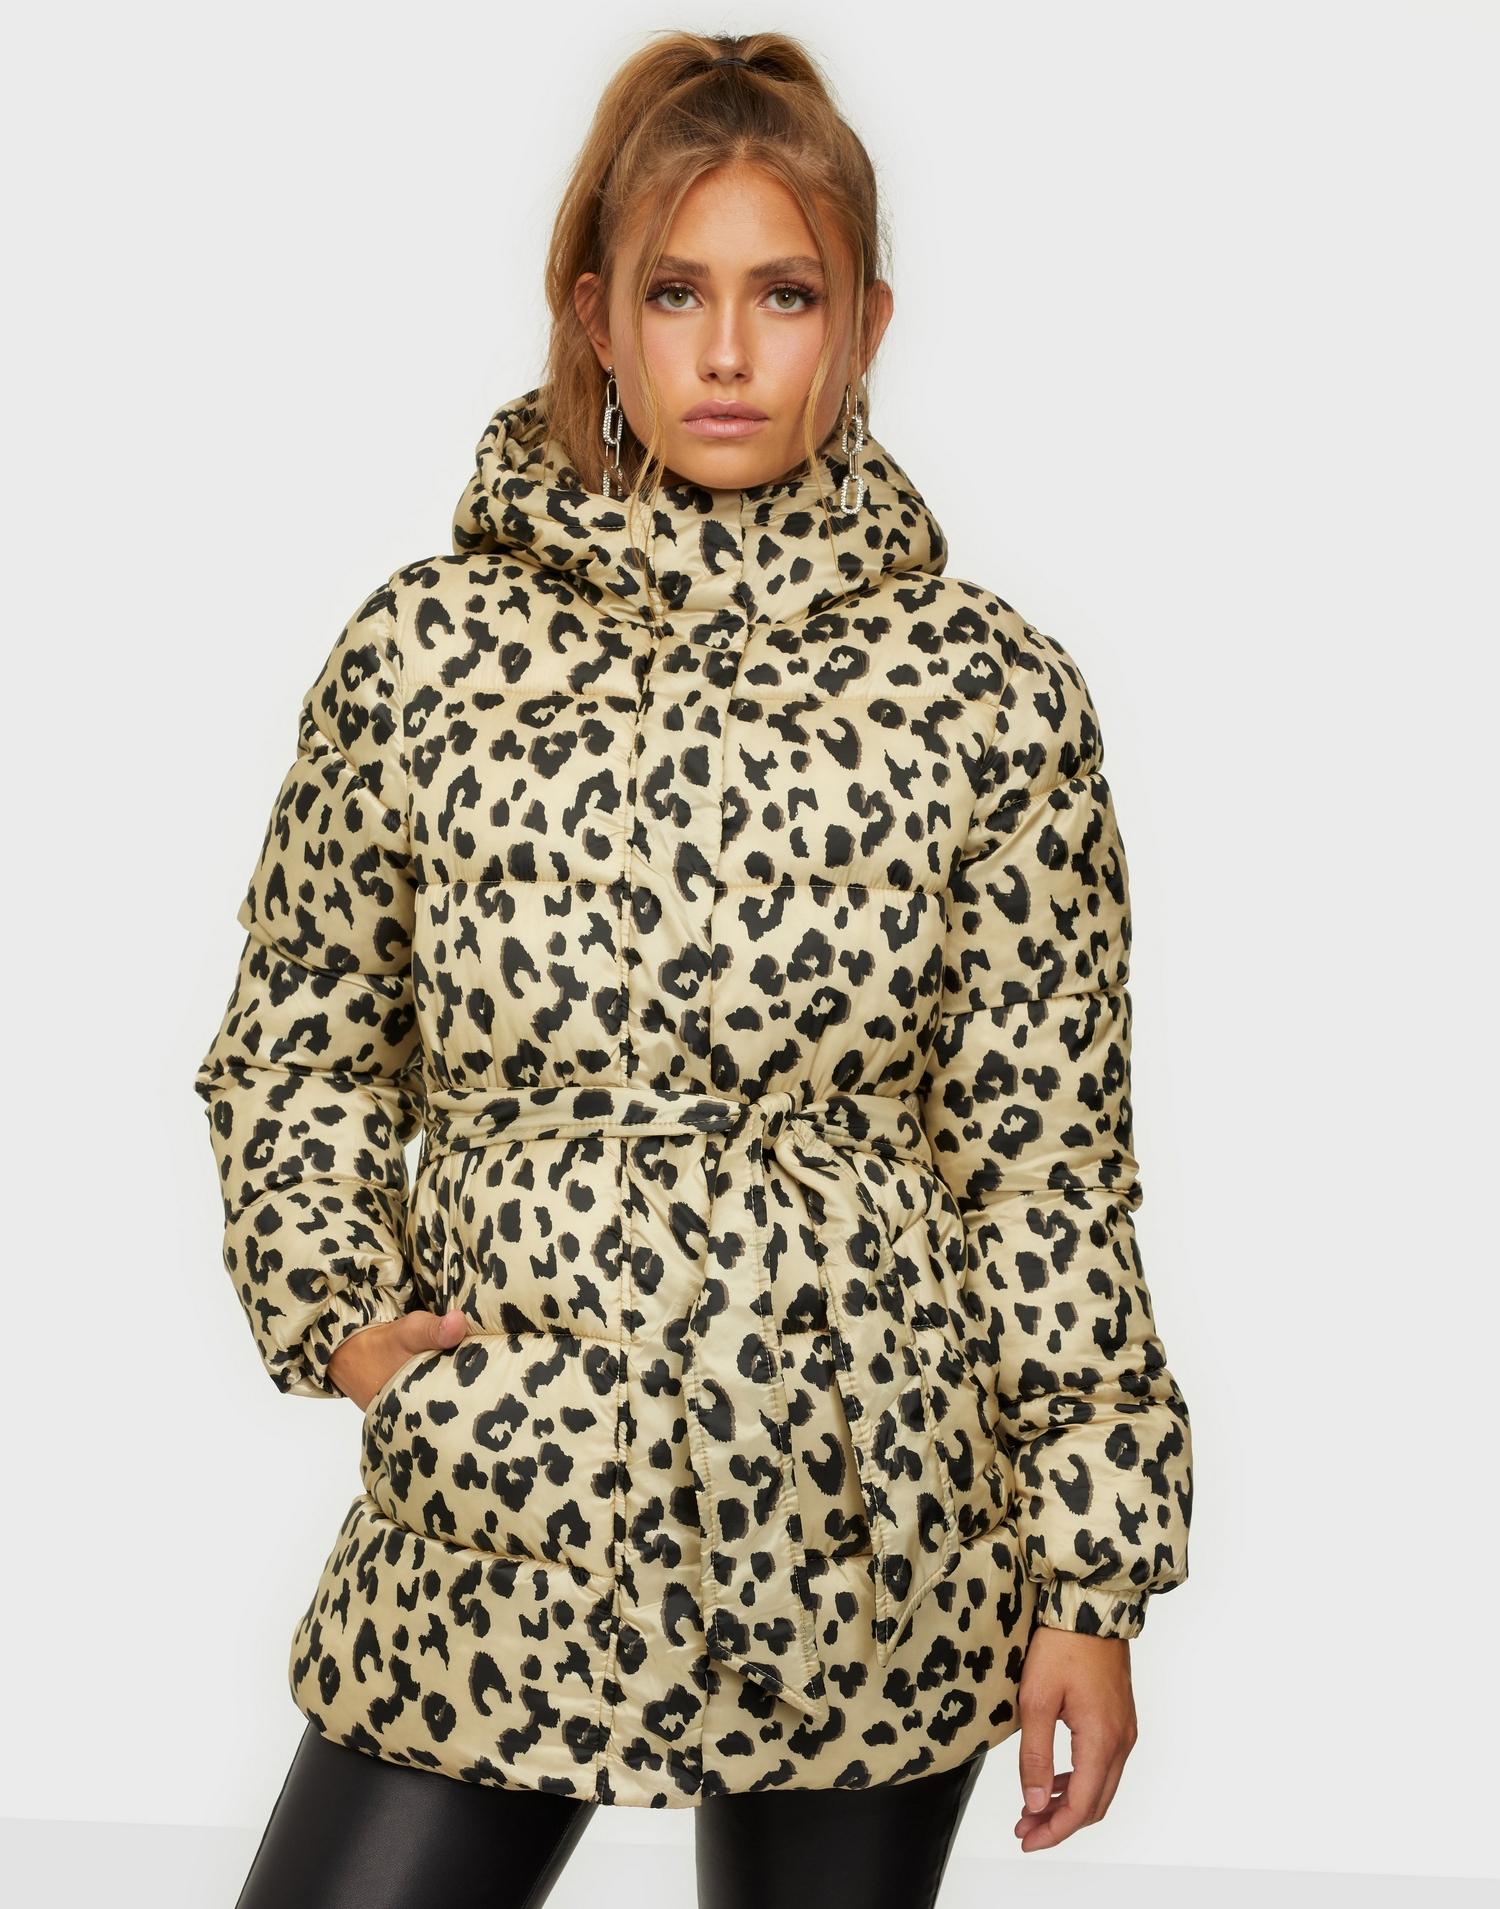 Leopardmönstrad jacka, vadderad